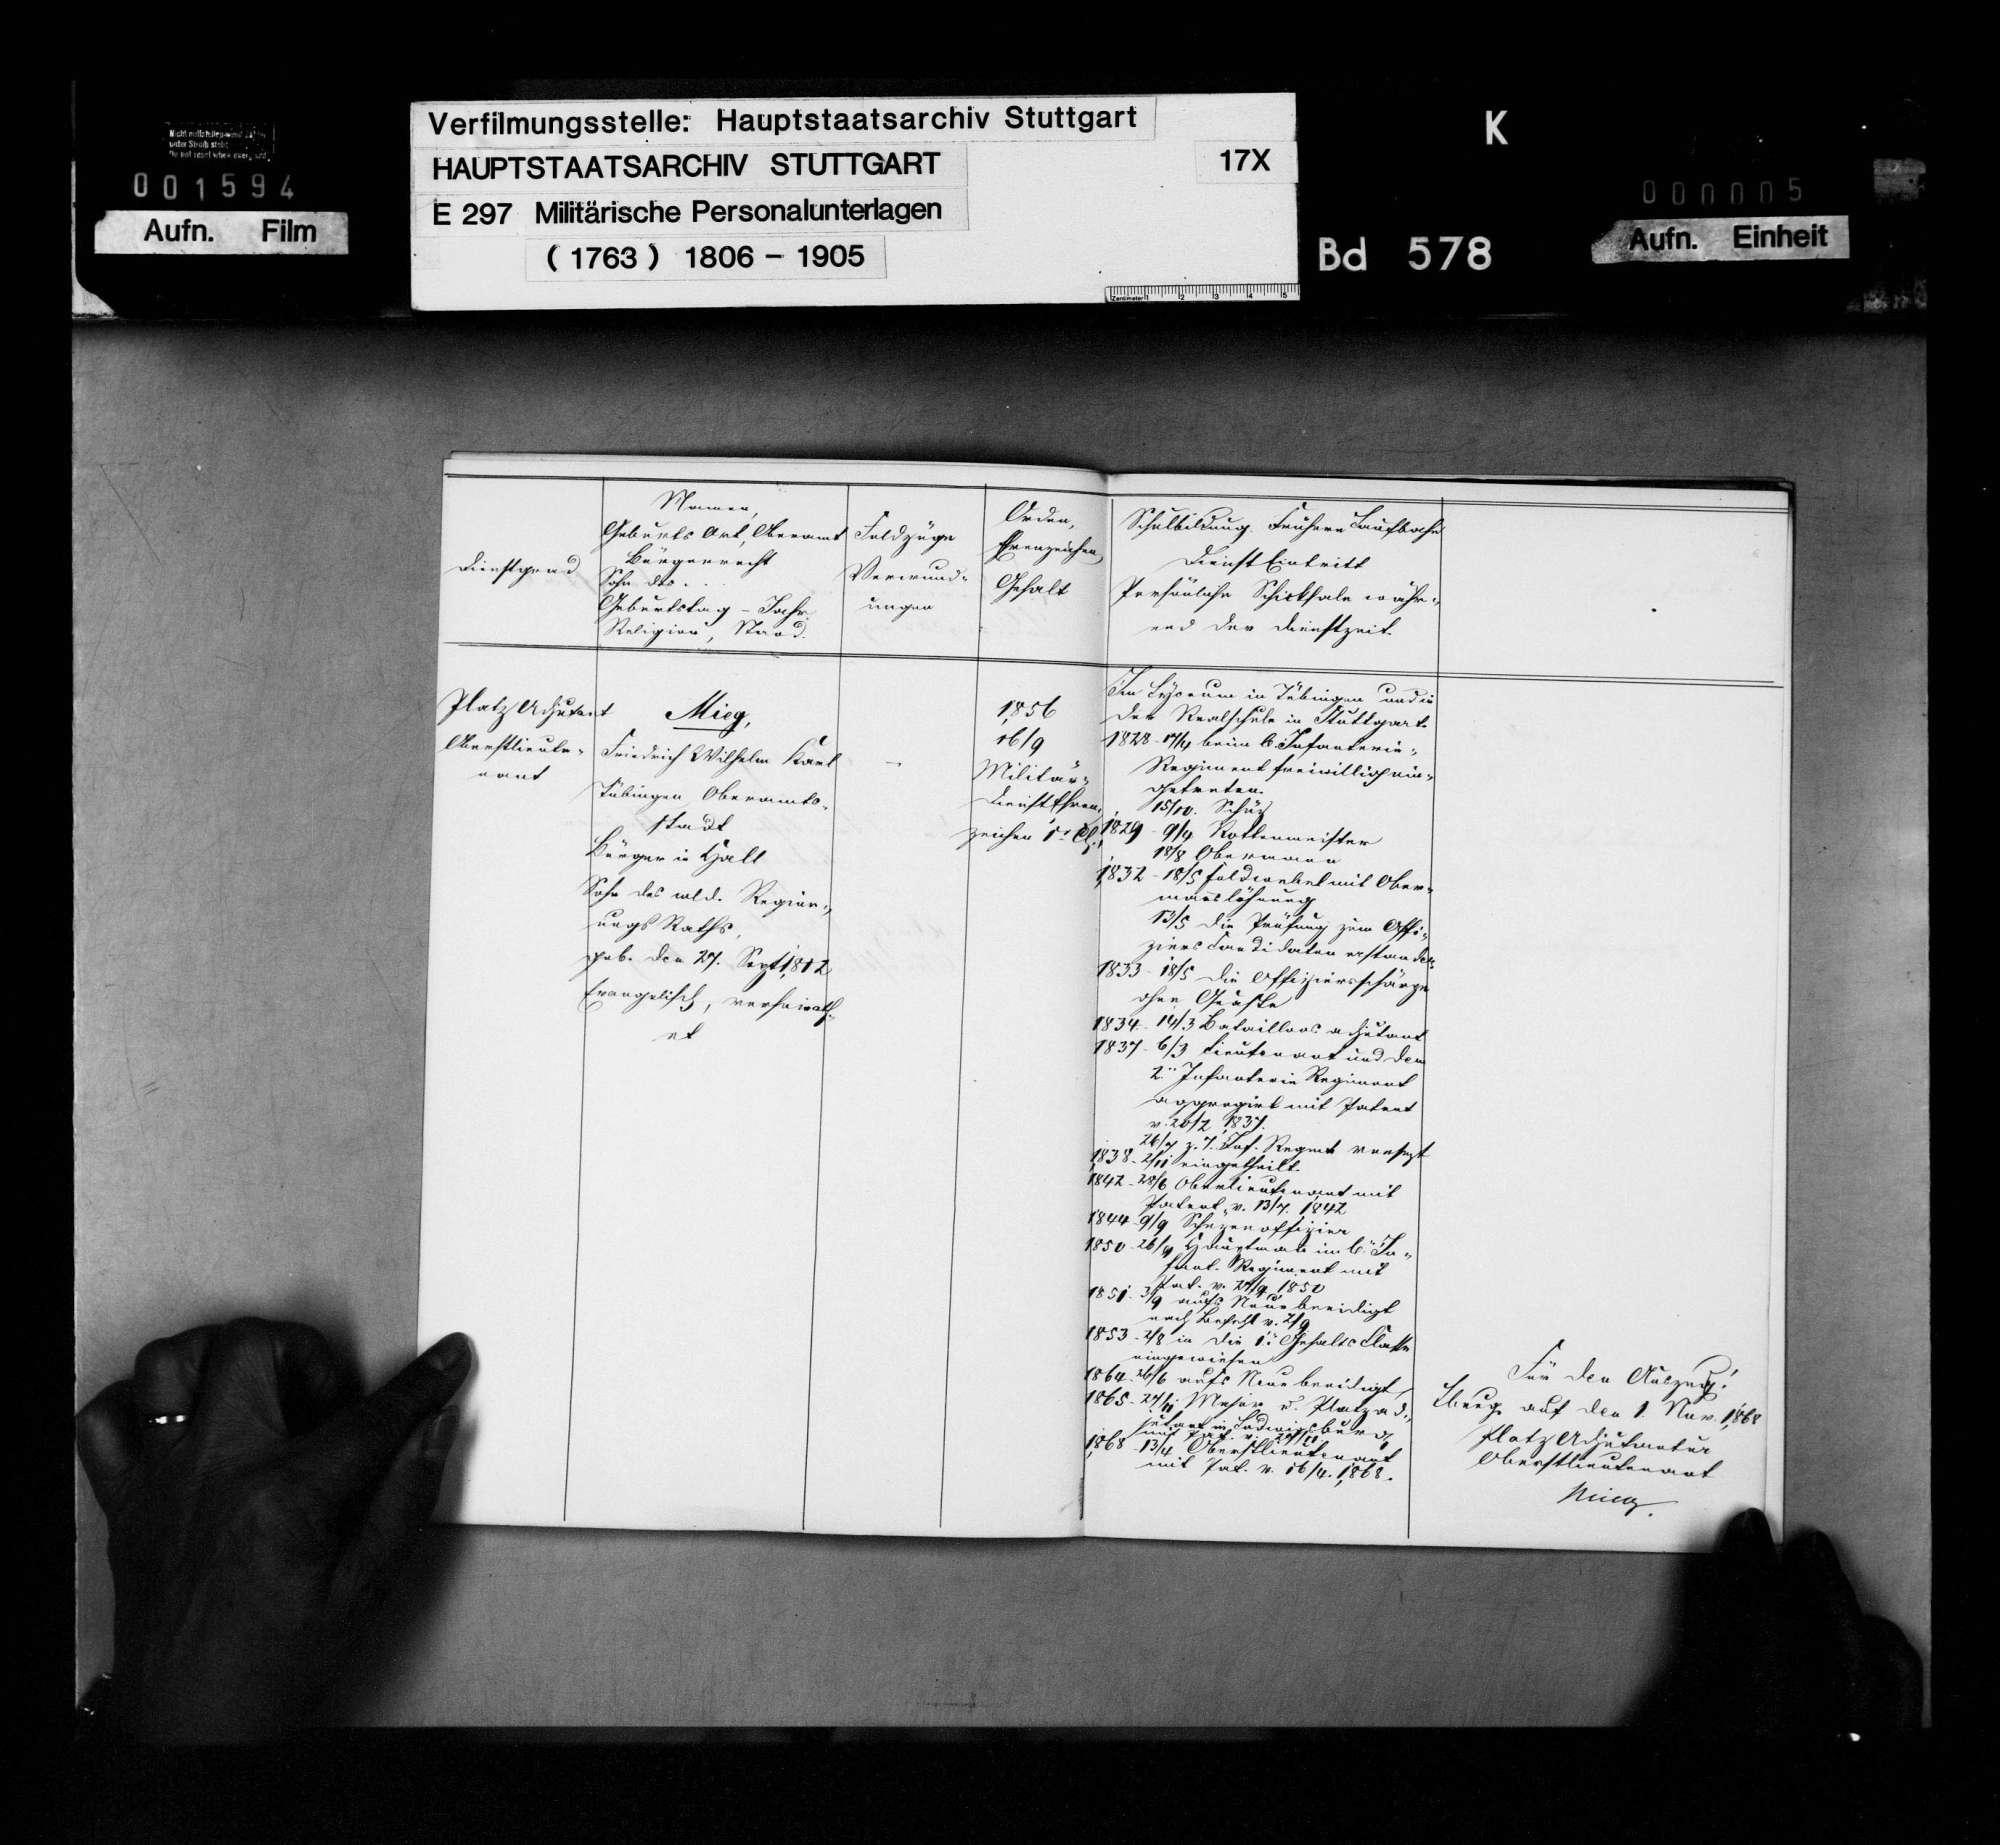 Nationallisten der Platzadjutanten Oberstleutnant Mieg, Garnisonsauditoren Ebensperger und von Wallbrunn des Gouvernements Ludwigsburg Platzstab, Bild 3